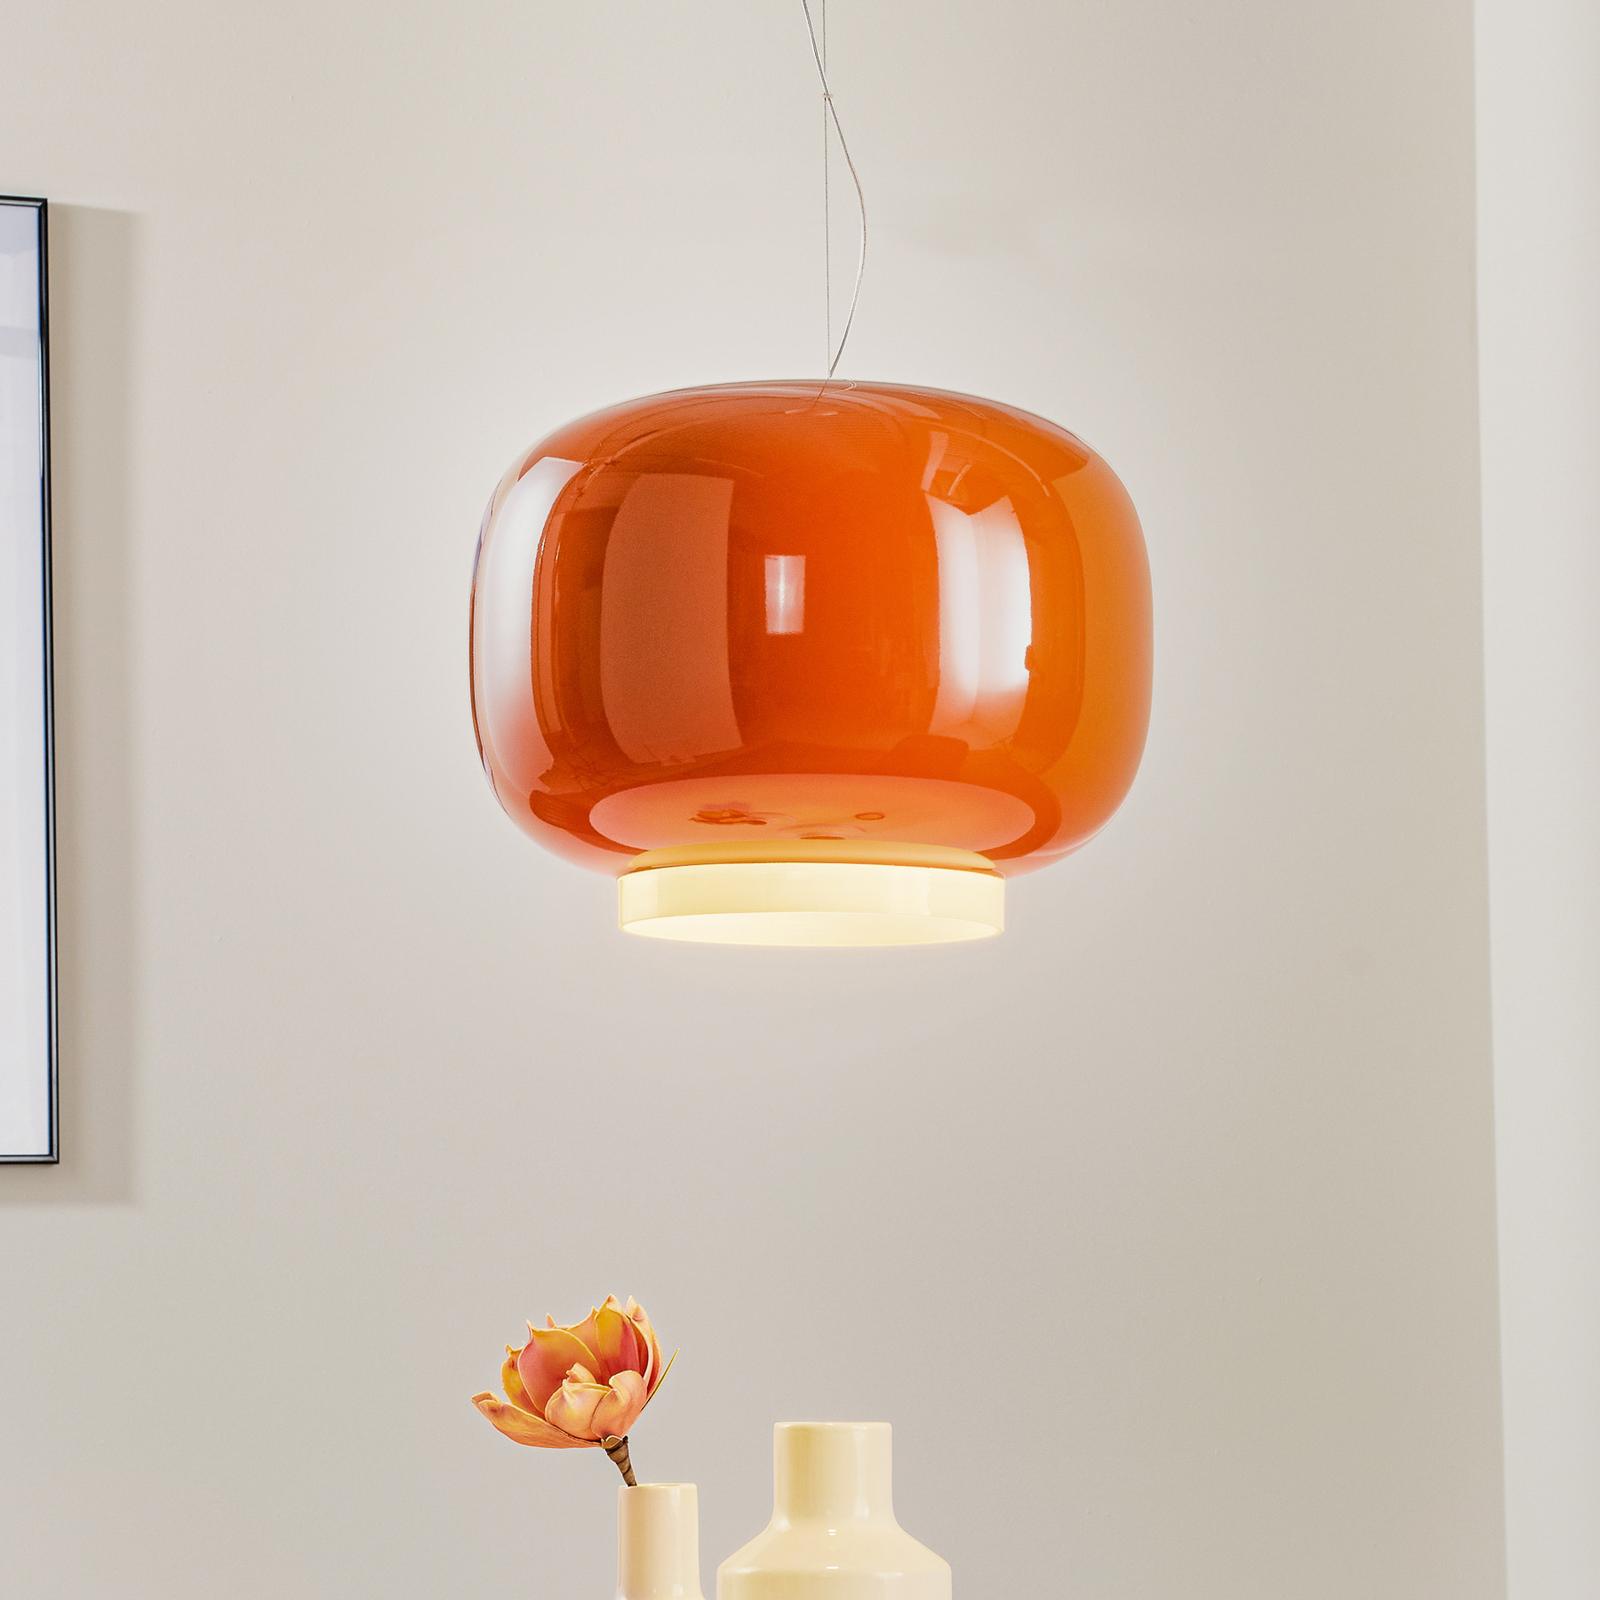 Foscarini Chouchin 1 LED-Hängeleuchte, orange